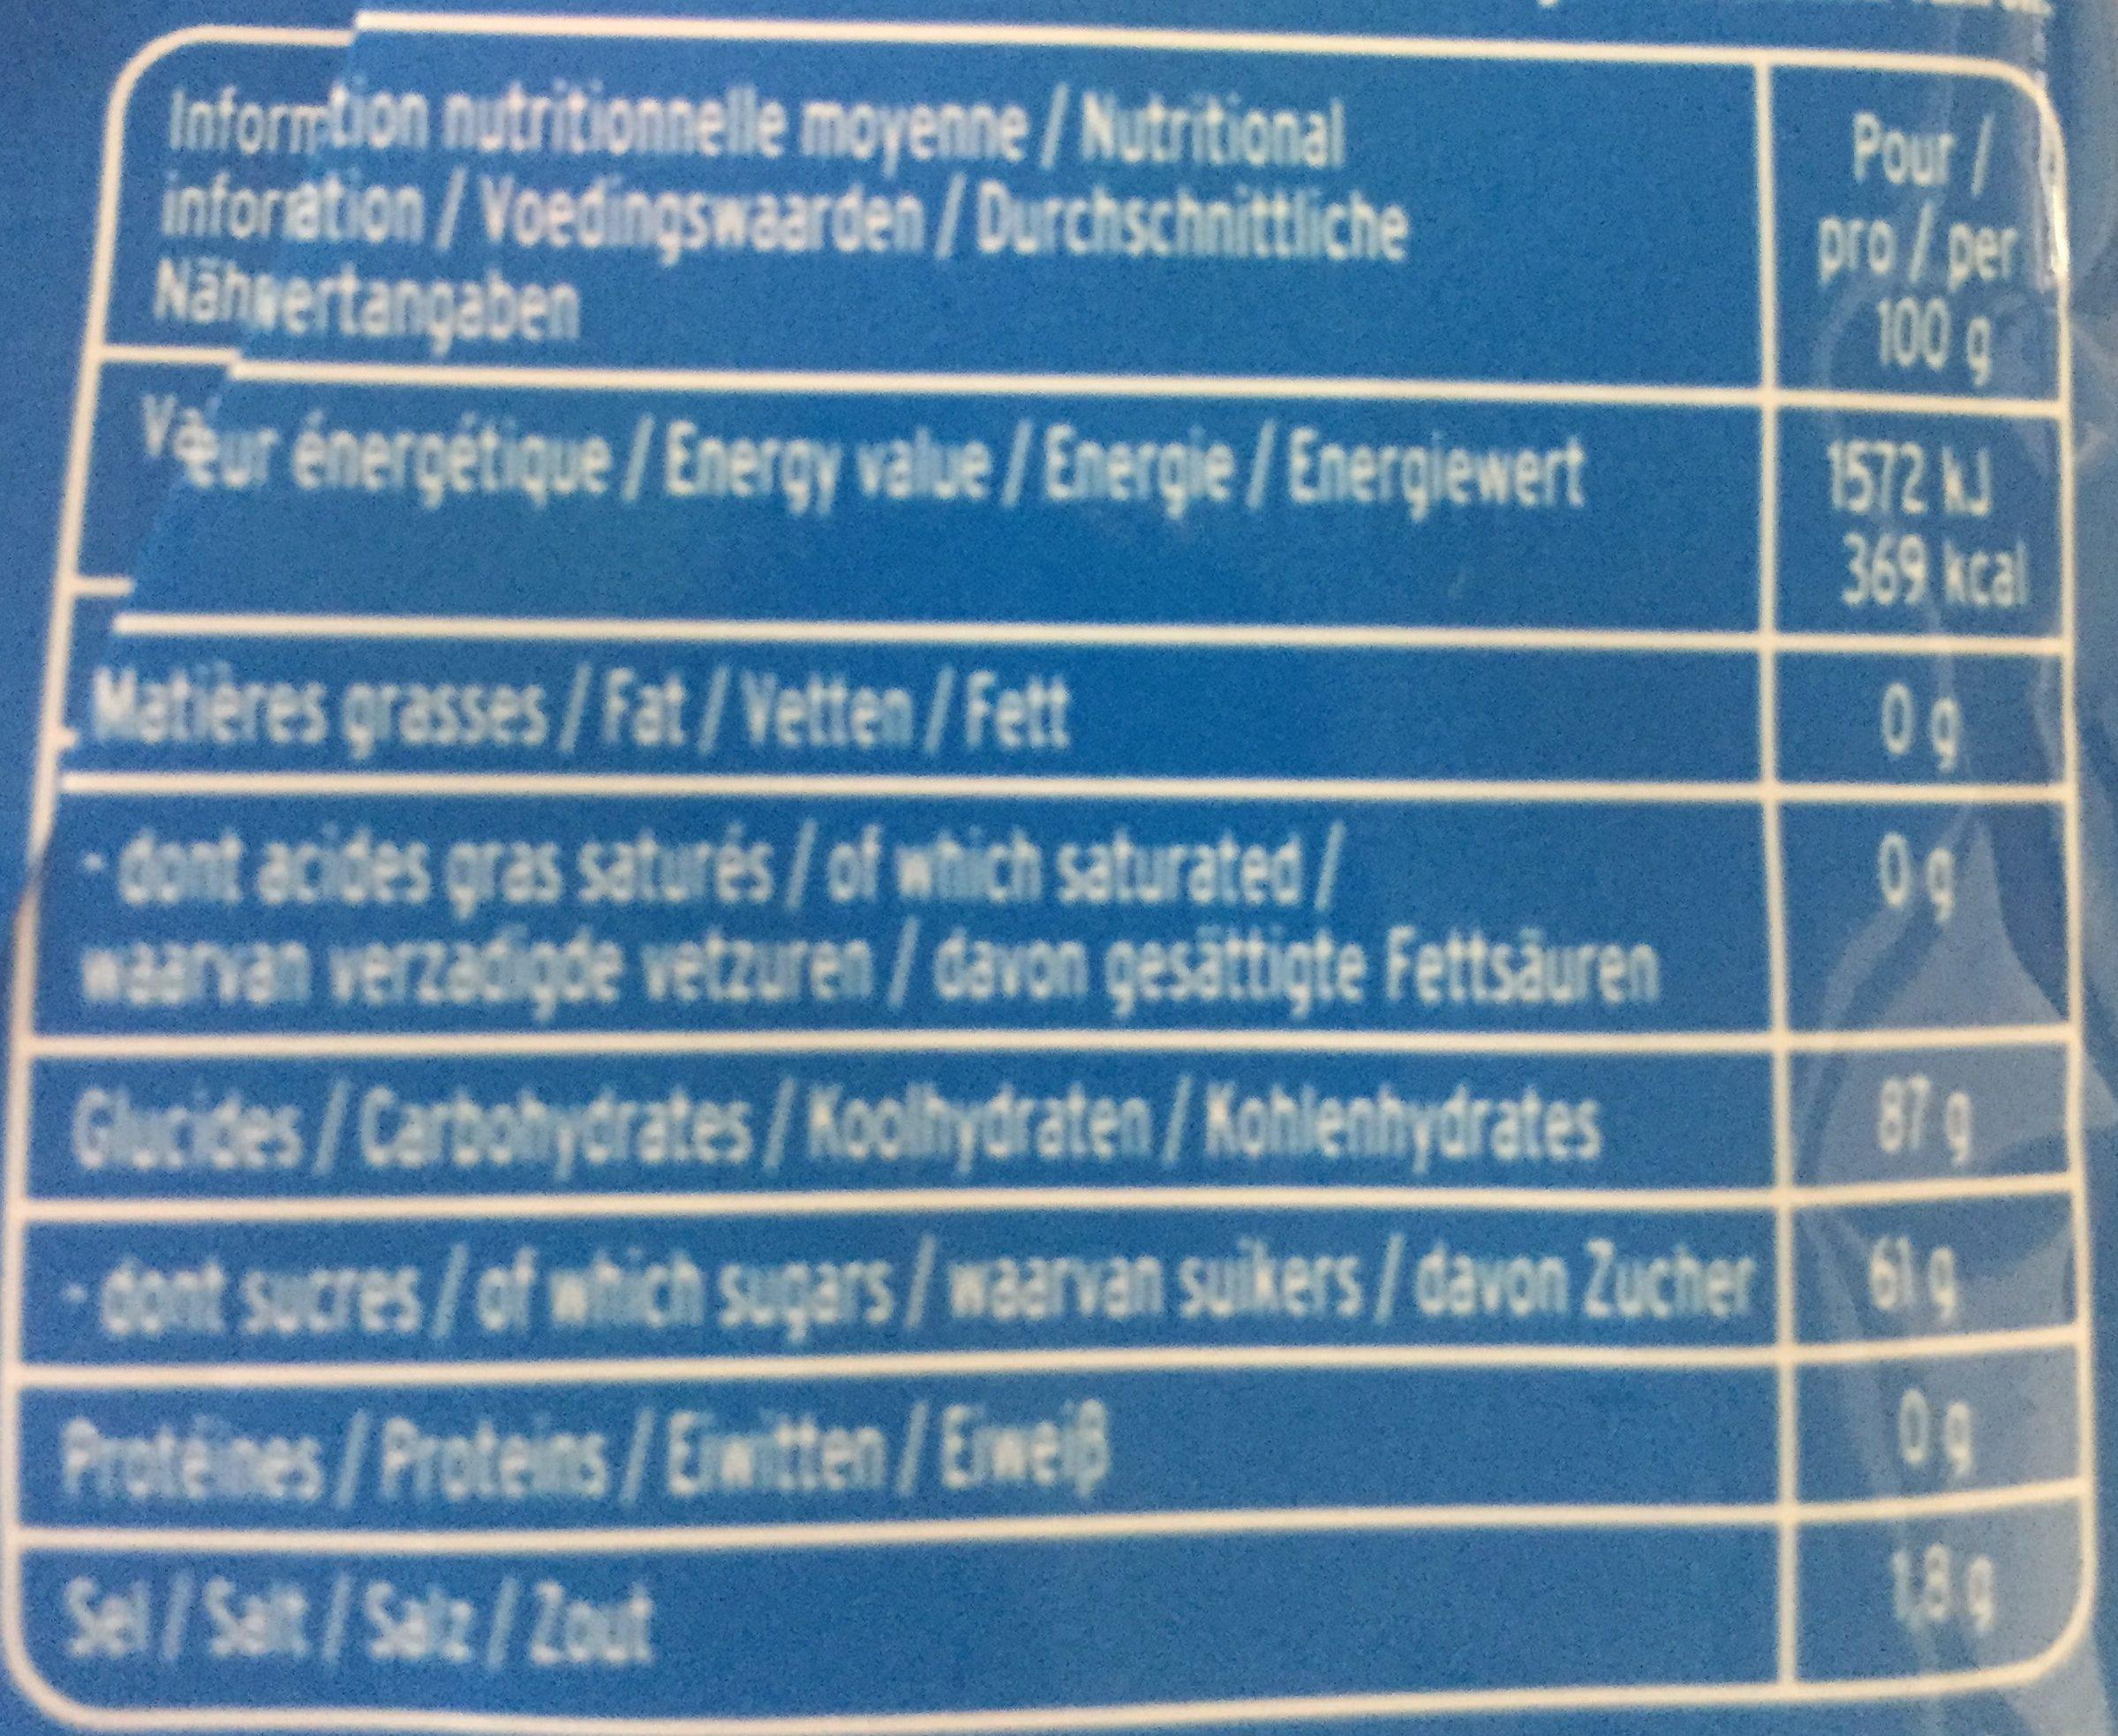 Tetes brulées - Nutrition facts